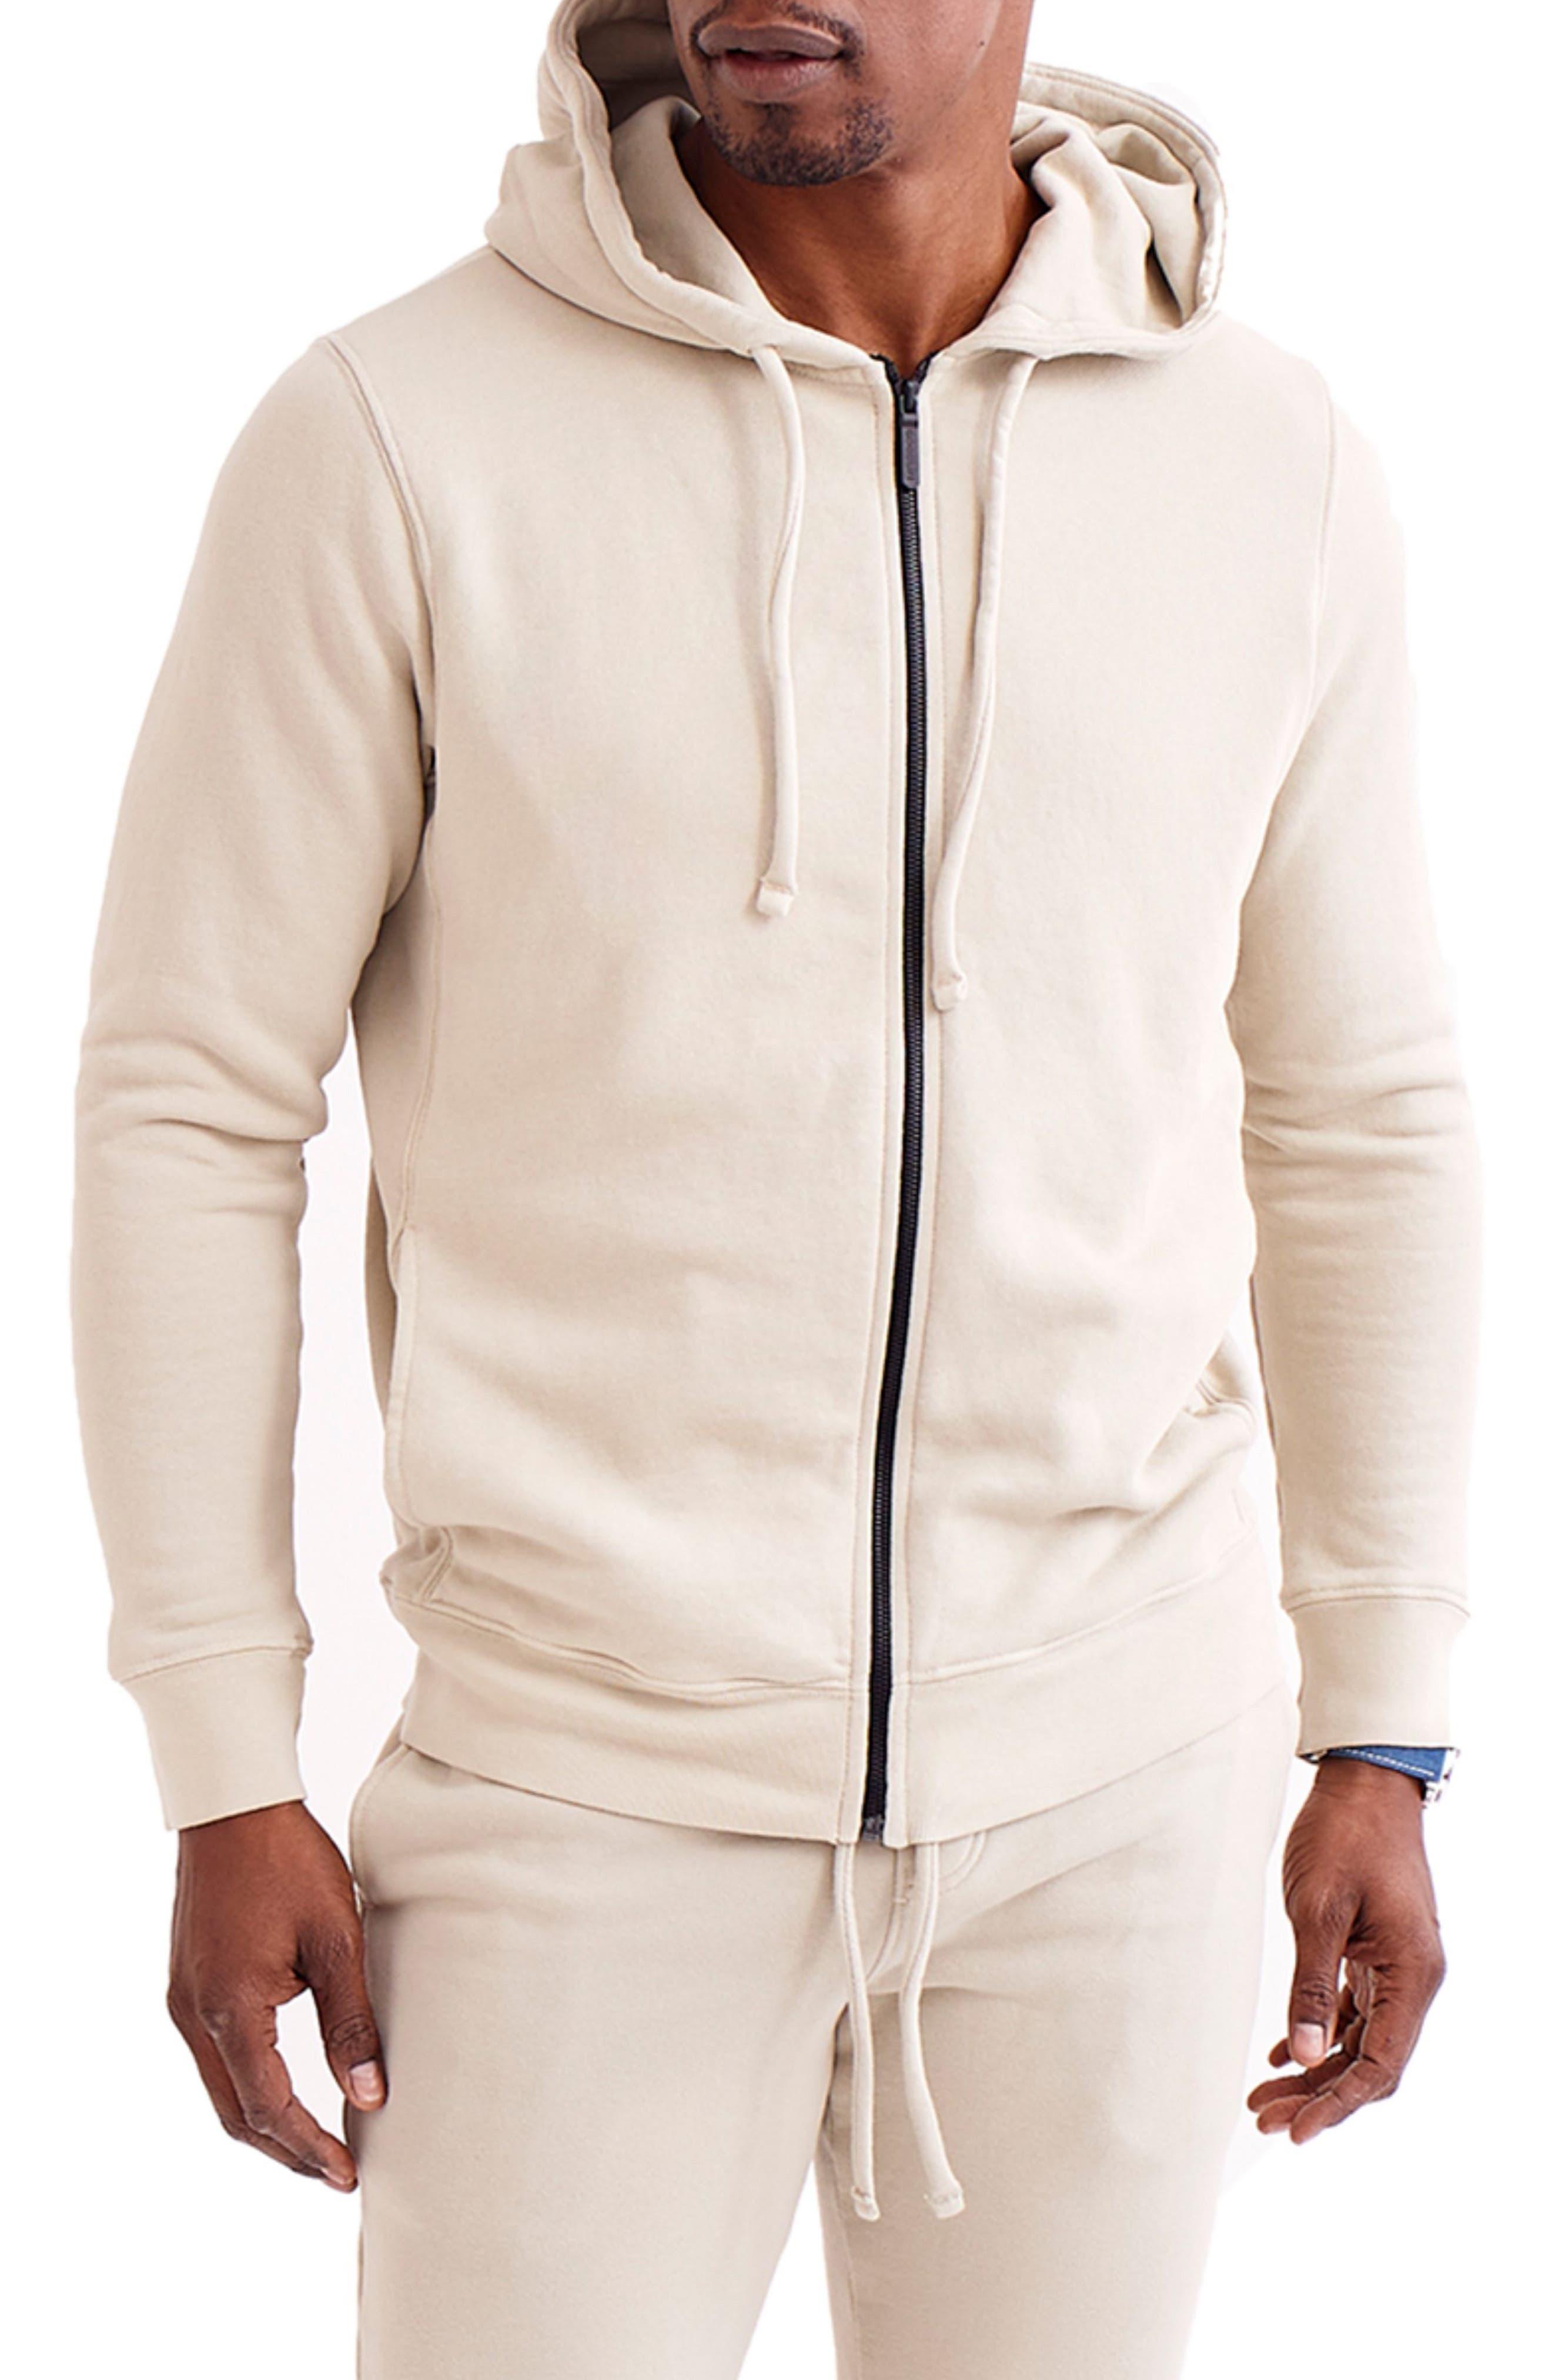 Cotton Terry Men's Zip Hoodie